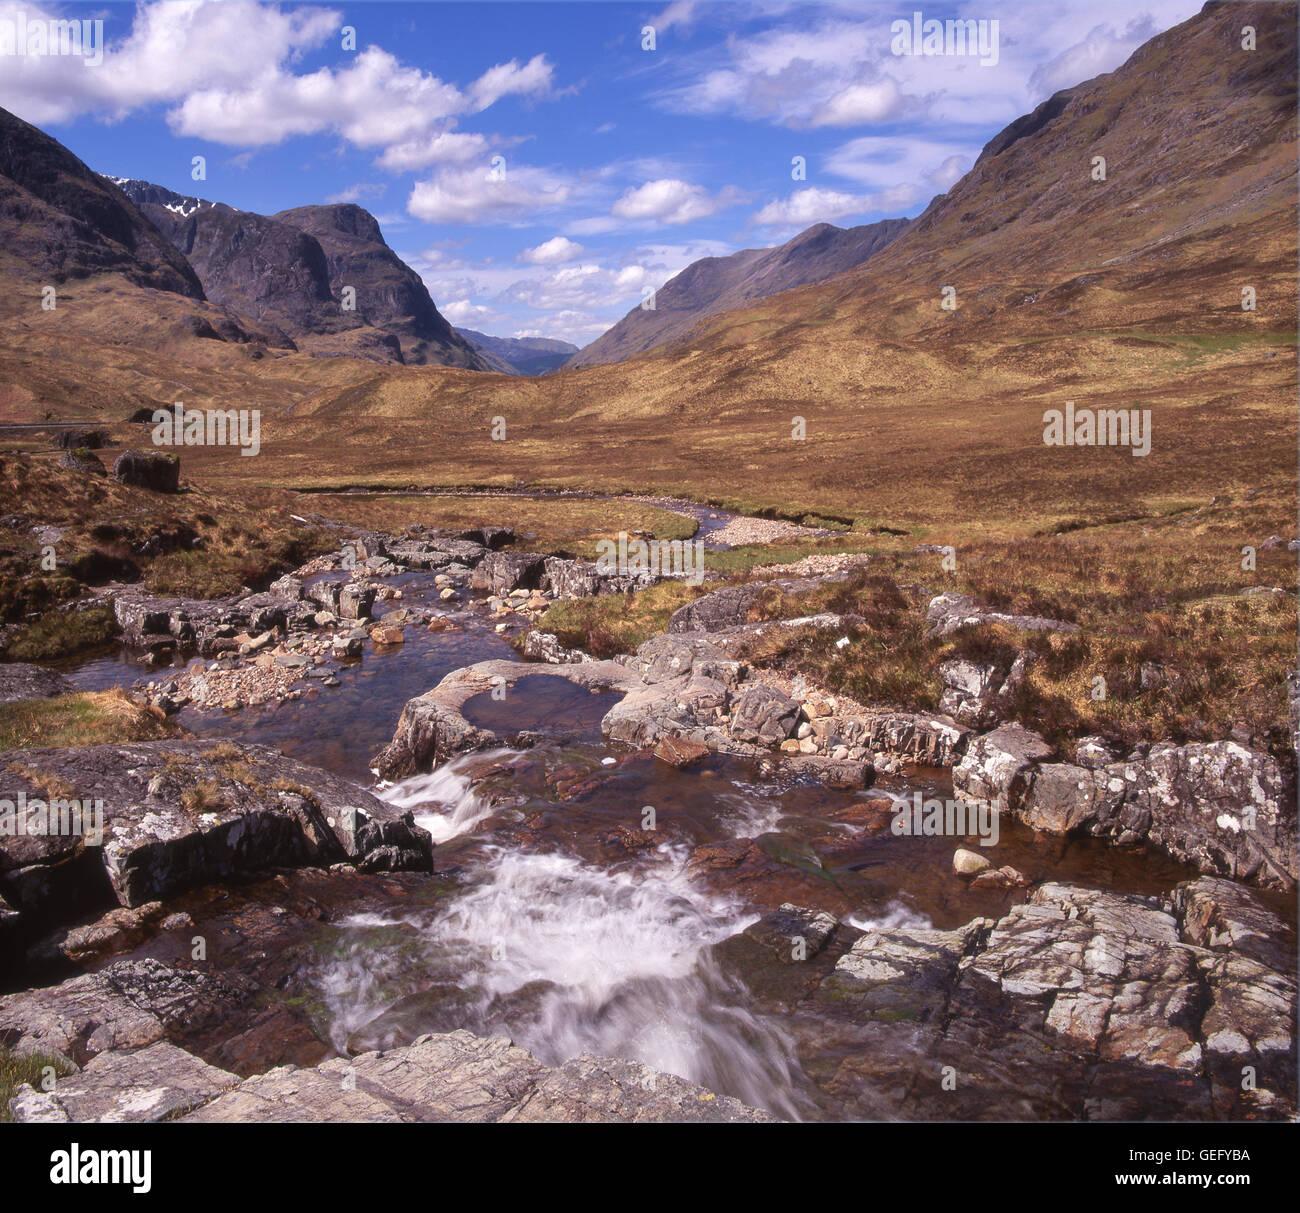 Glencoe, West Highlands, Scotland - Stock Image